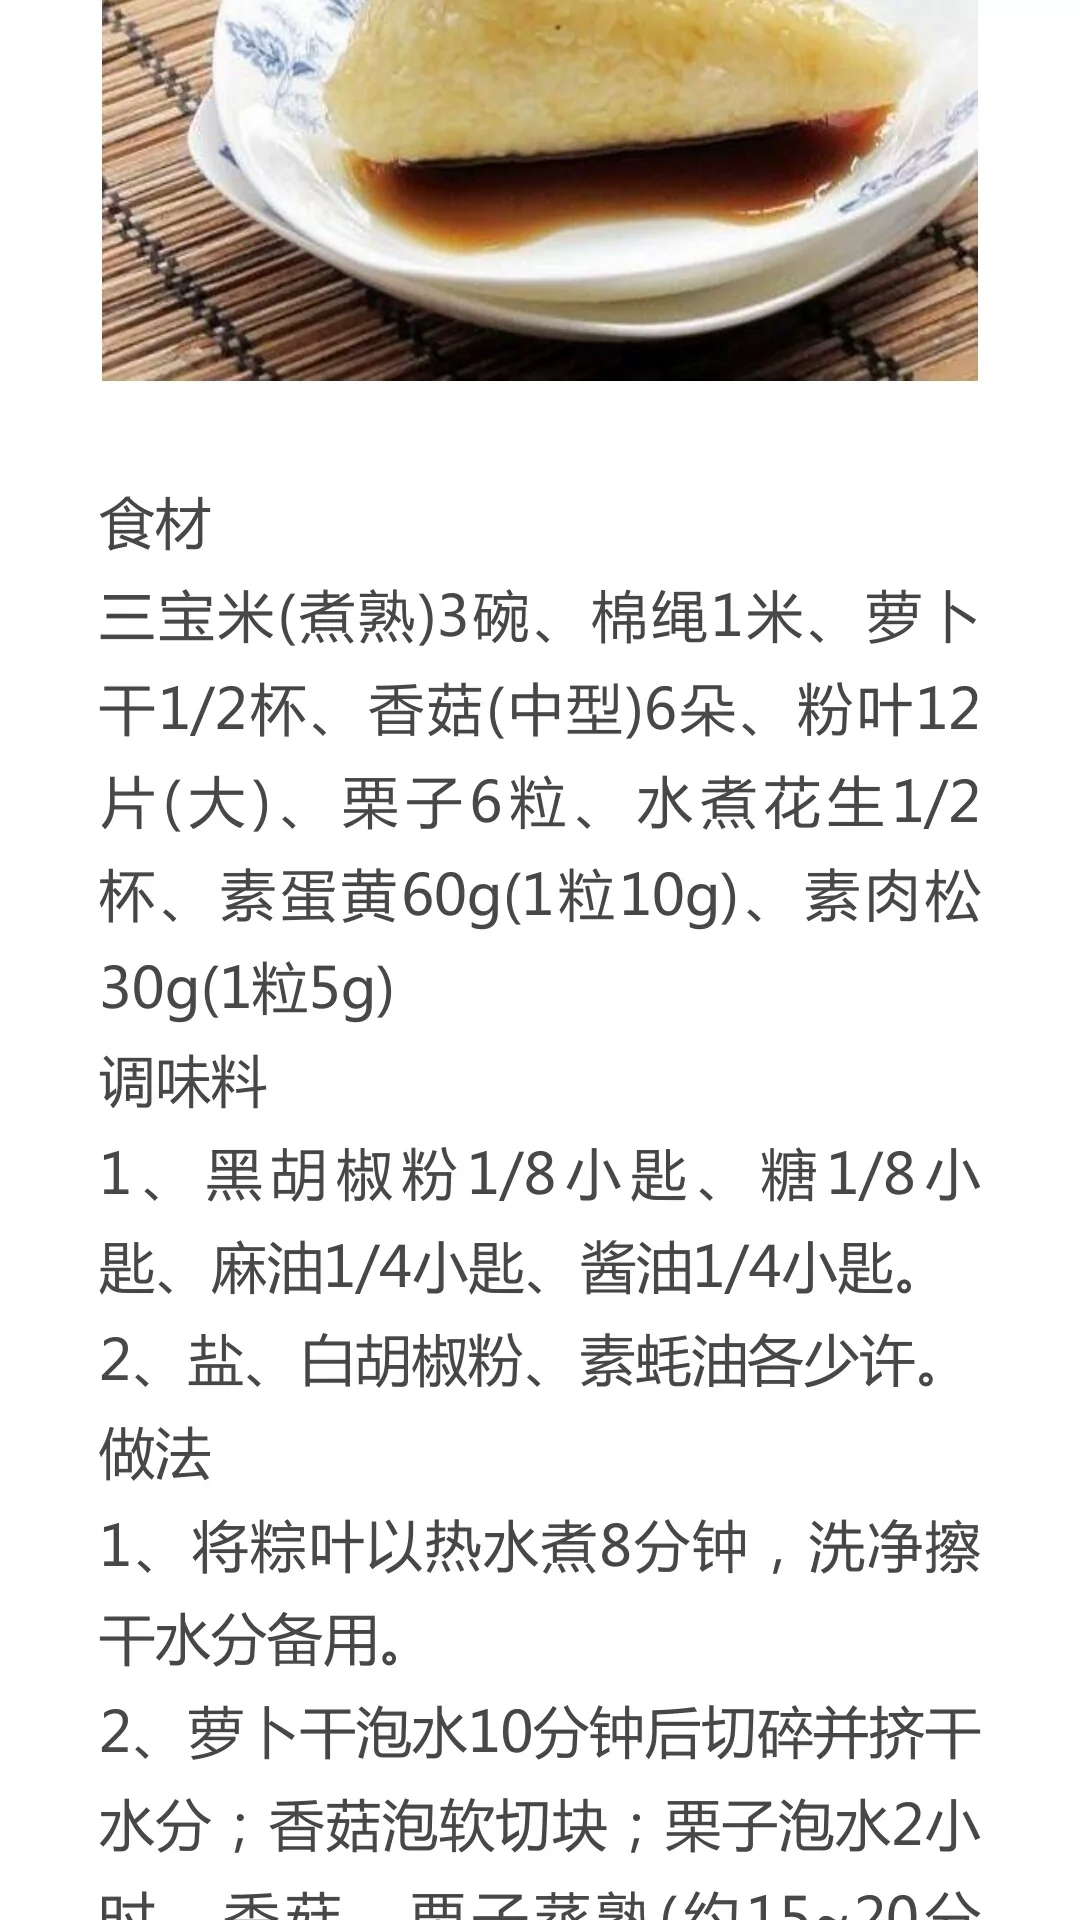 16种粽子的做法及配料!粽子馅配方种类大全,粽子制作方法教程 美食做法 第9张